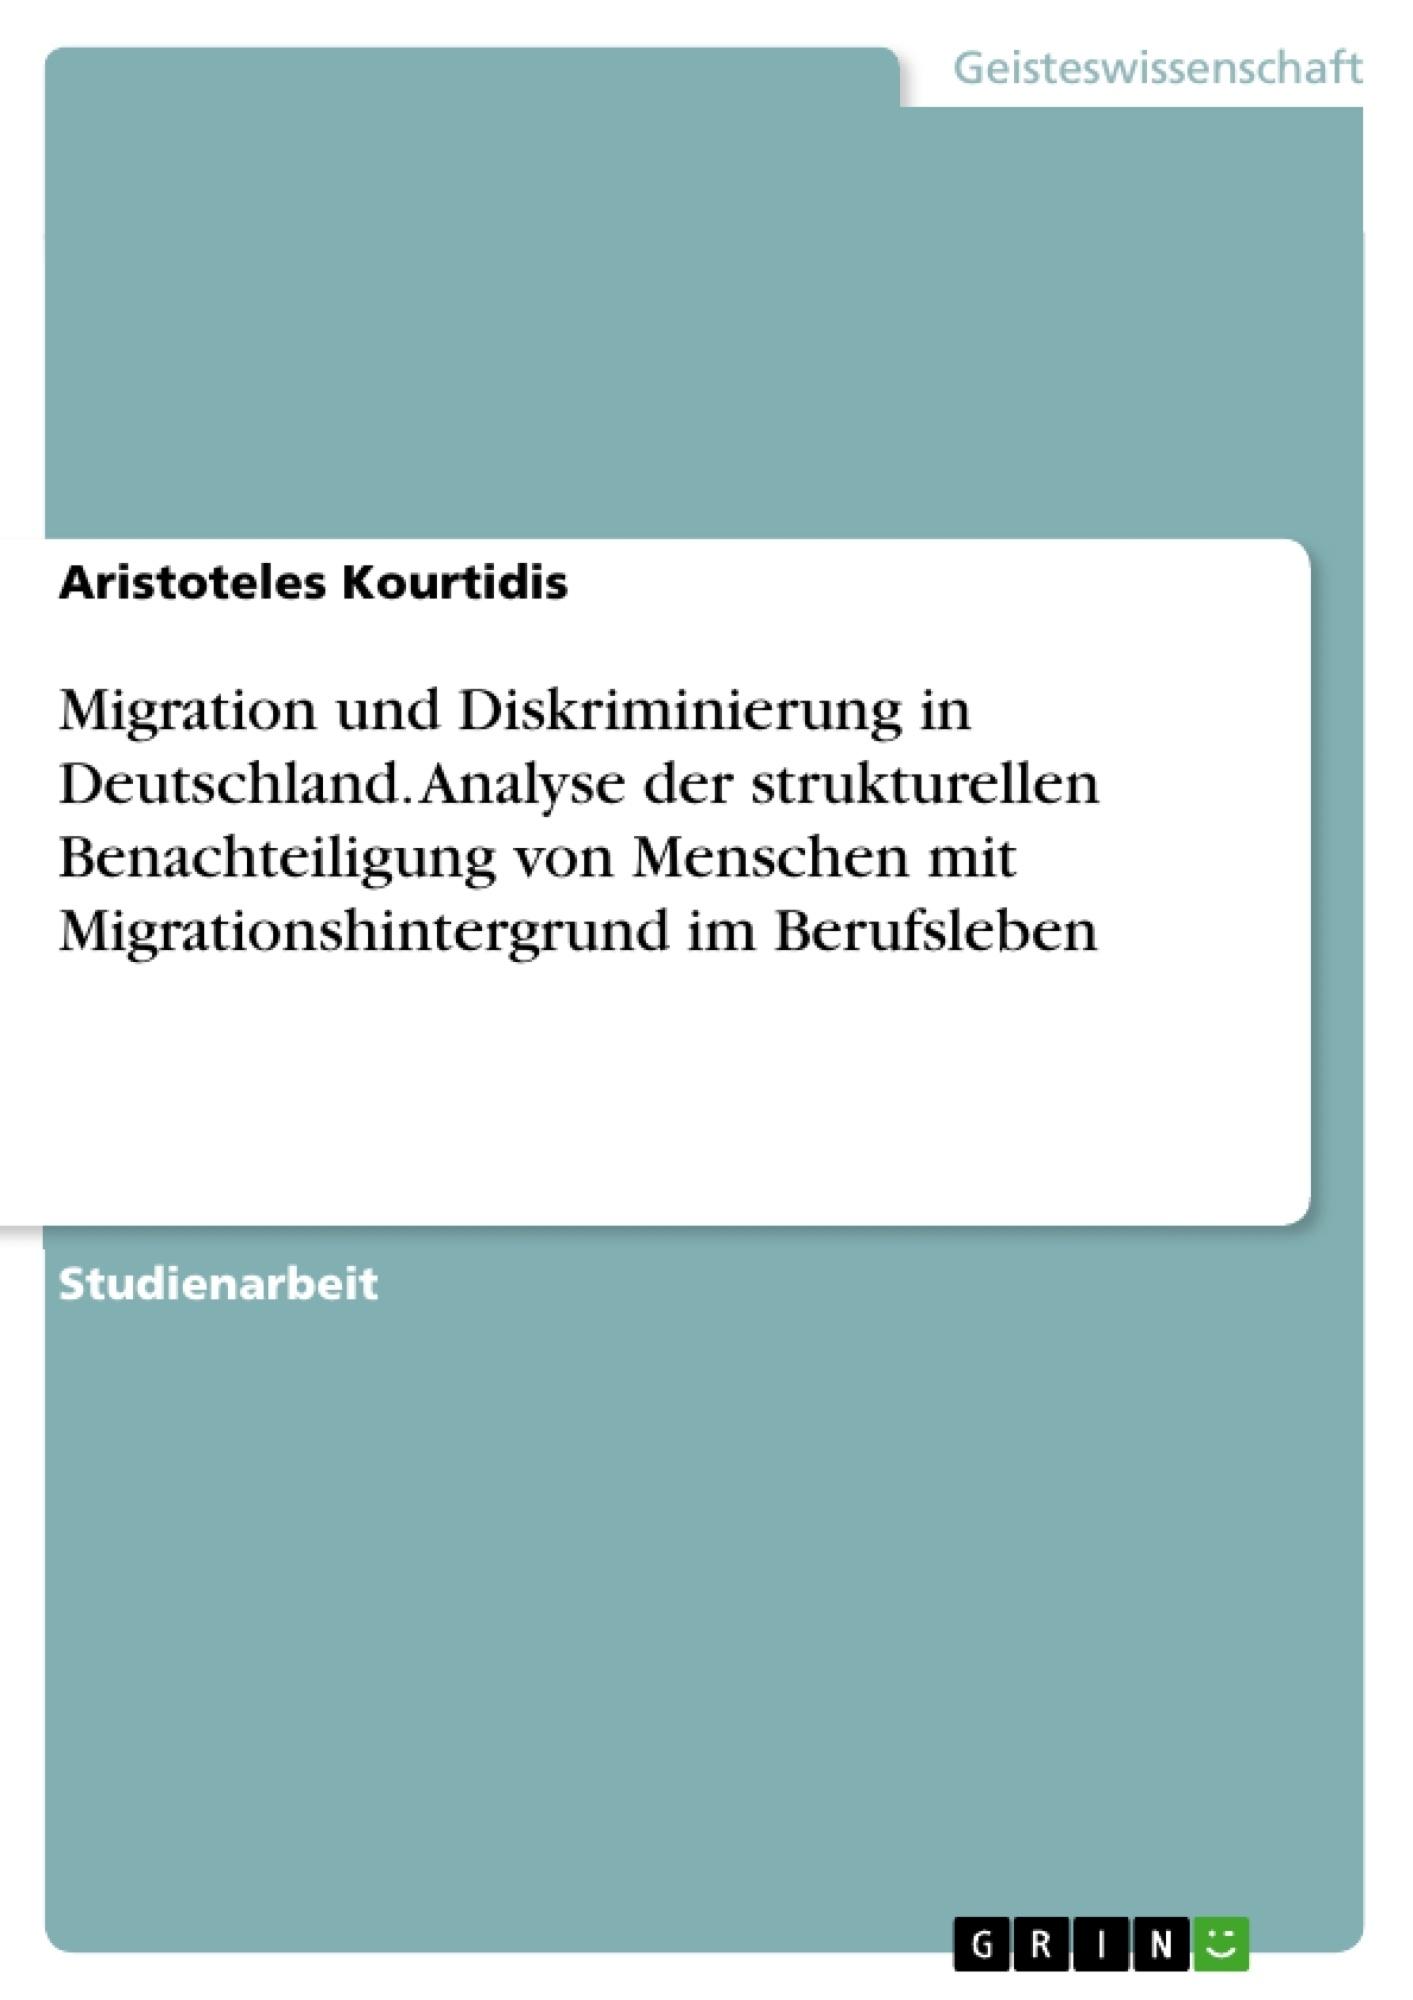 Titel: Migration und Diskriminierung in Deutschland. Analyse der strukturellen Benachteiligung von Menschen mit Migrationshintergrund im Berufsleben